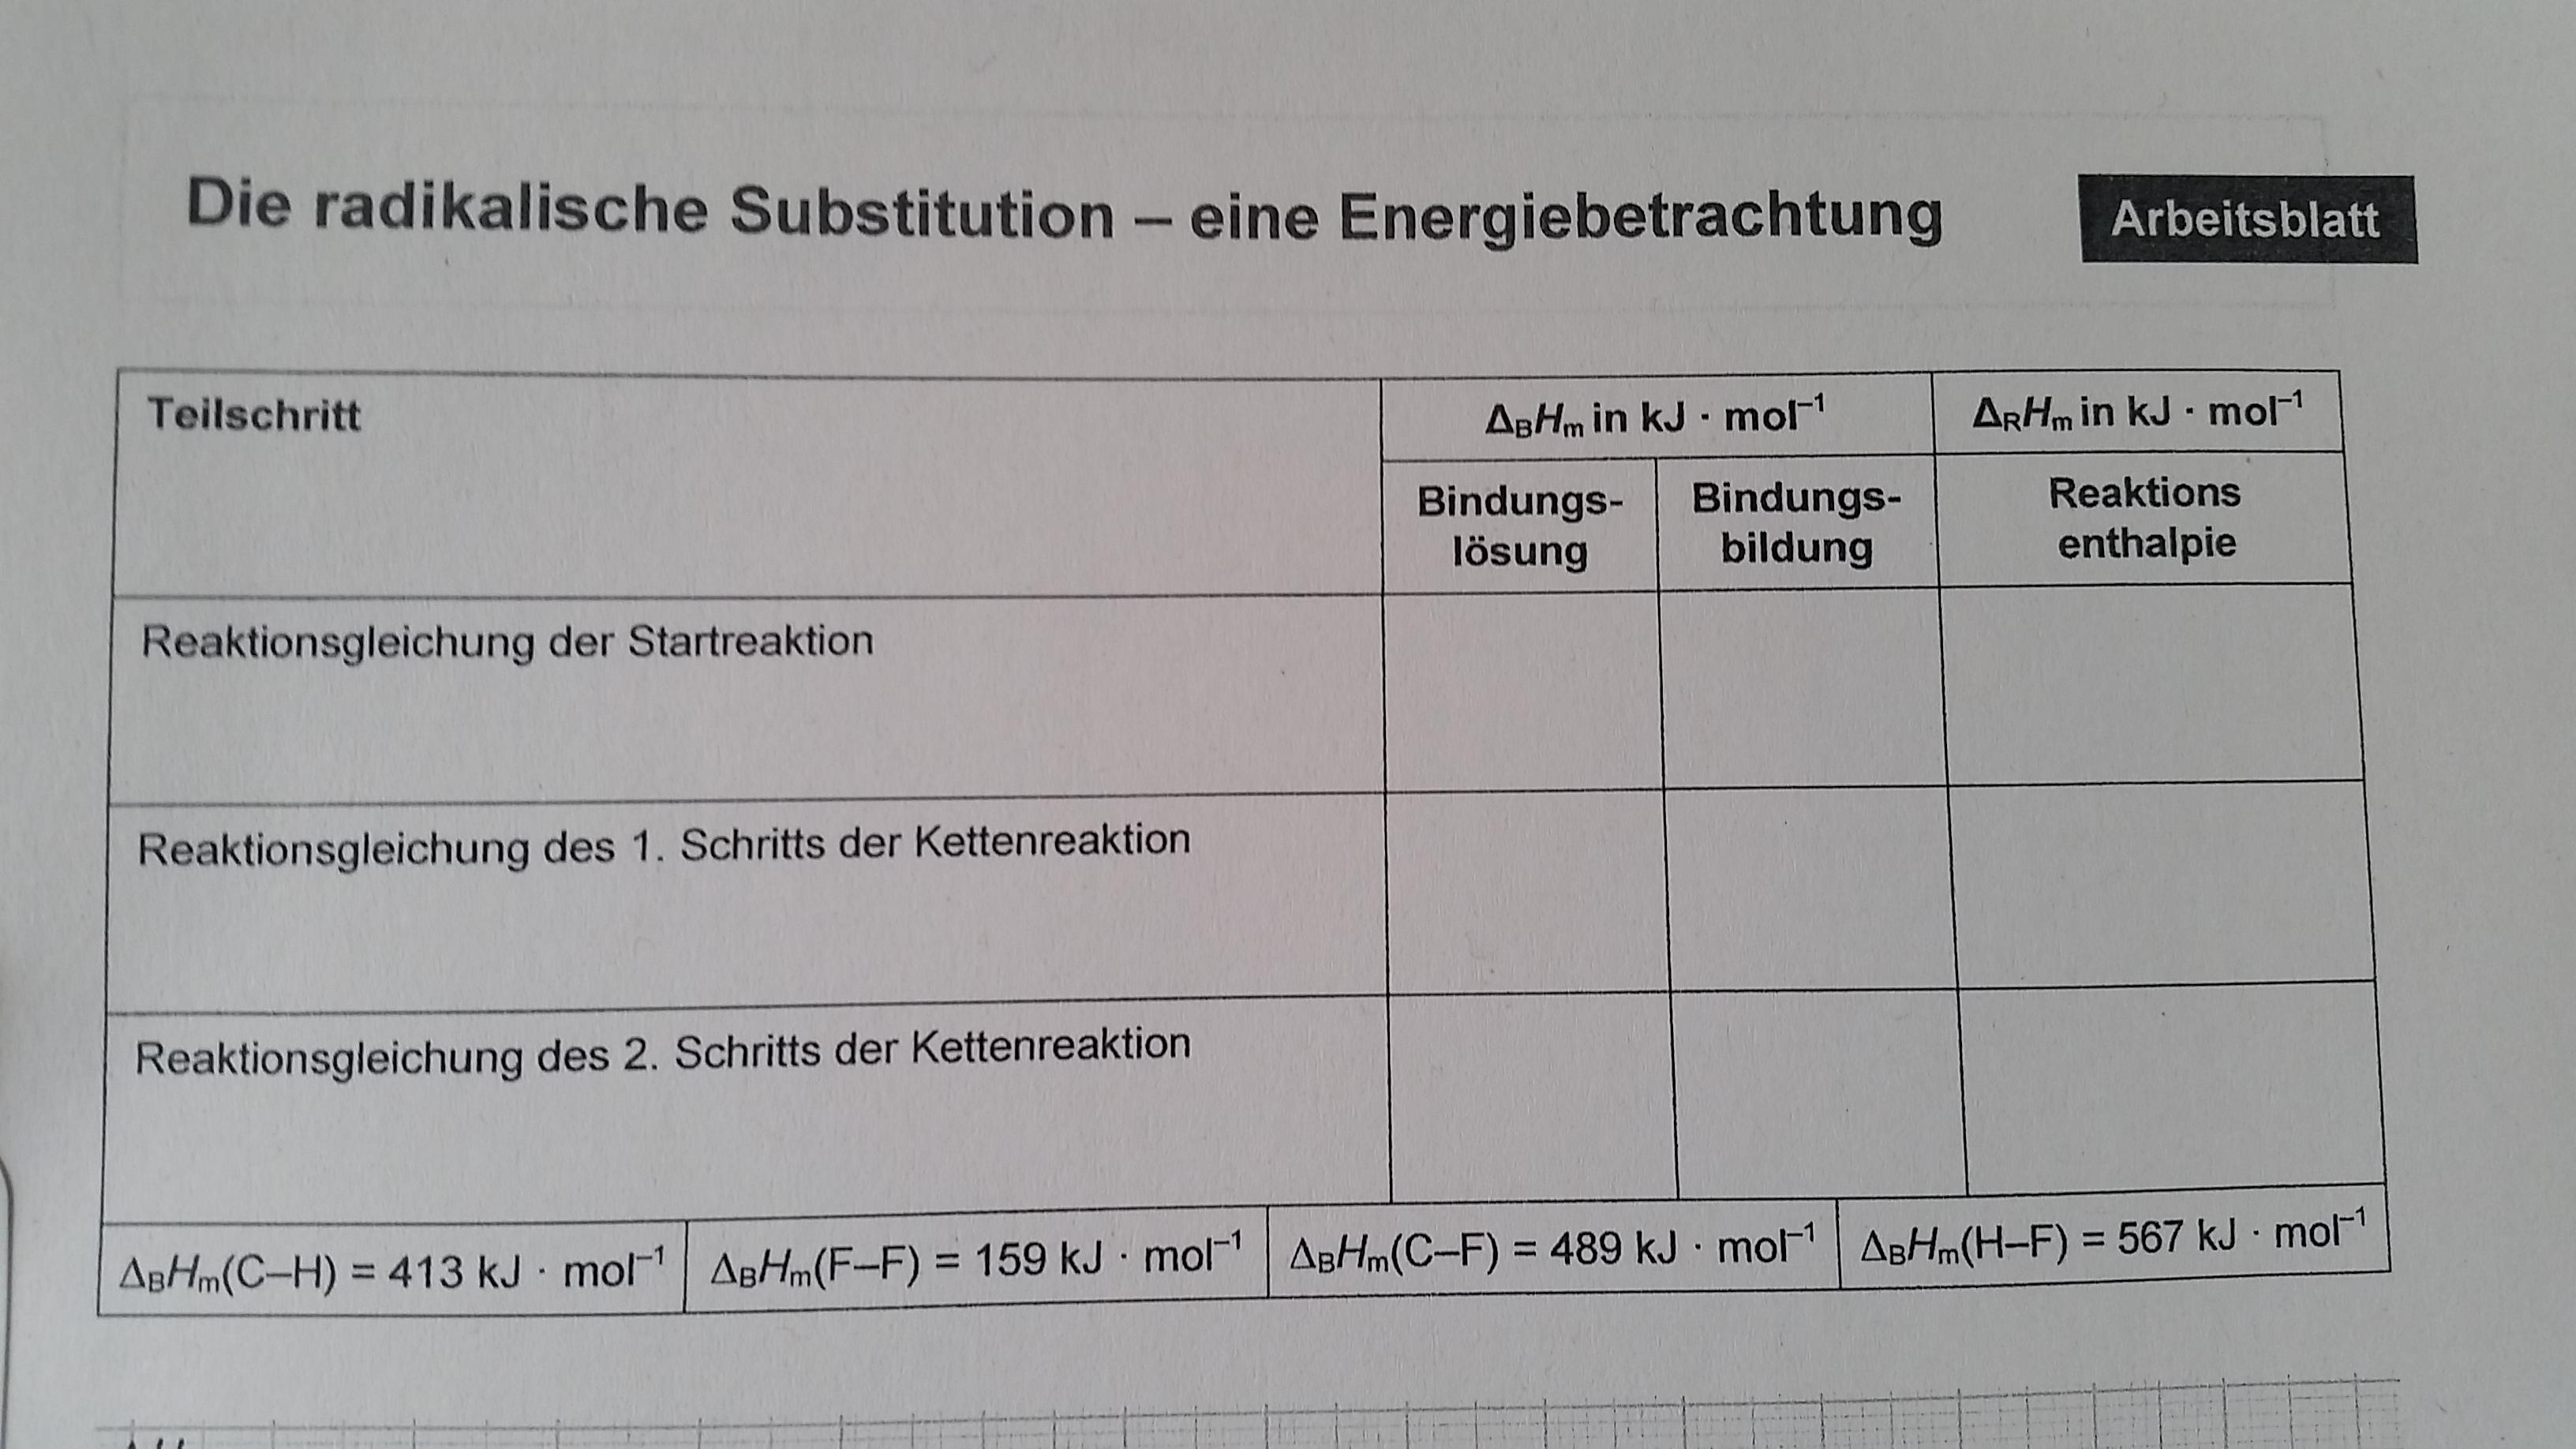 Energiebetrachtung Chemie? (Schule, Freizeit, Ausbildung und Studium)